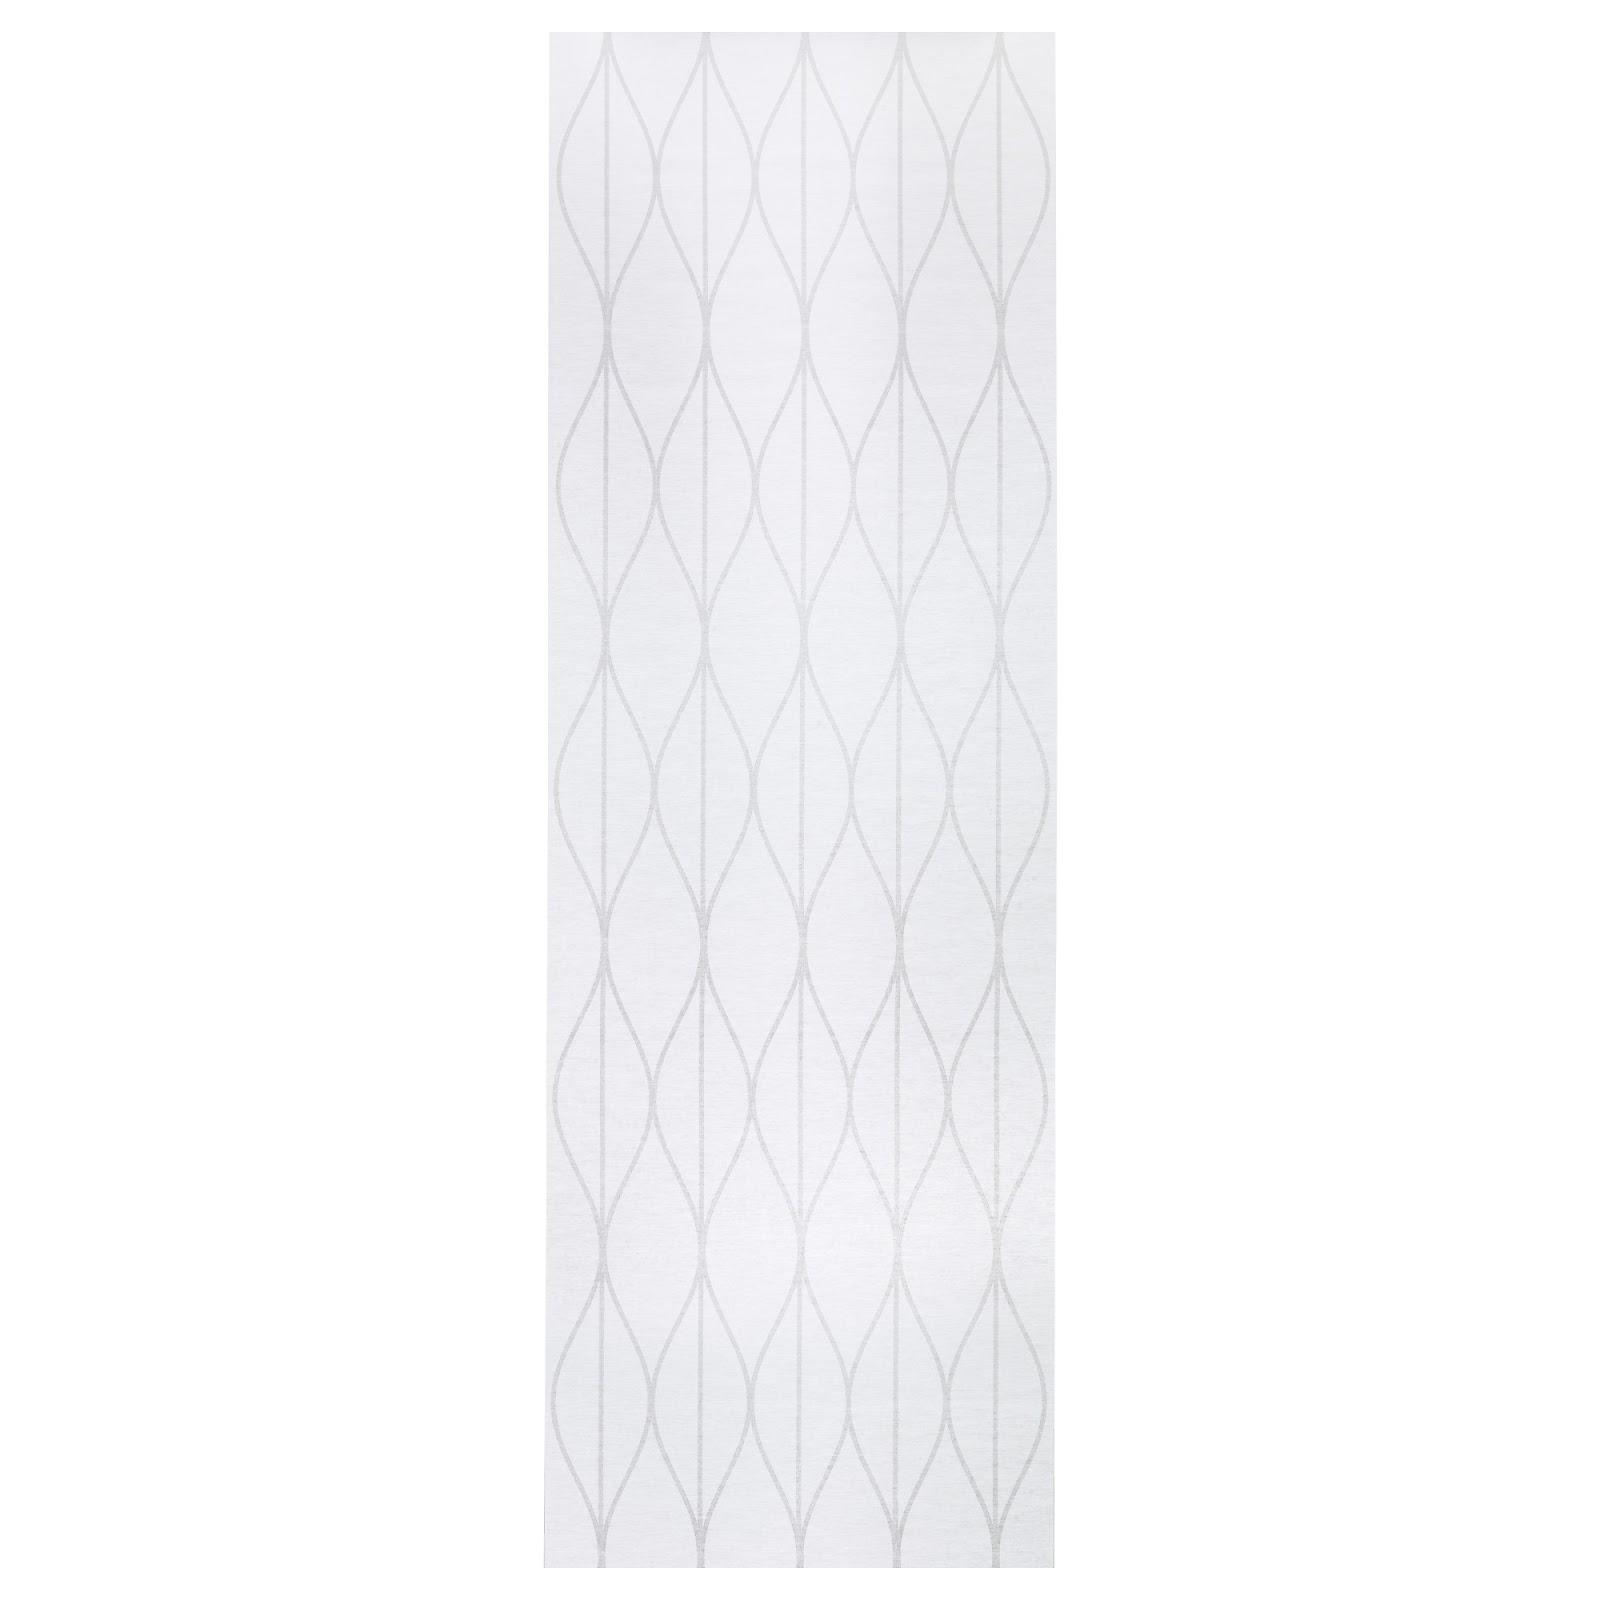 Cot Curtain Cottage Curtains Ideas Lace Cotton Panels